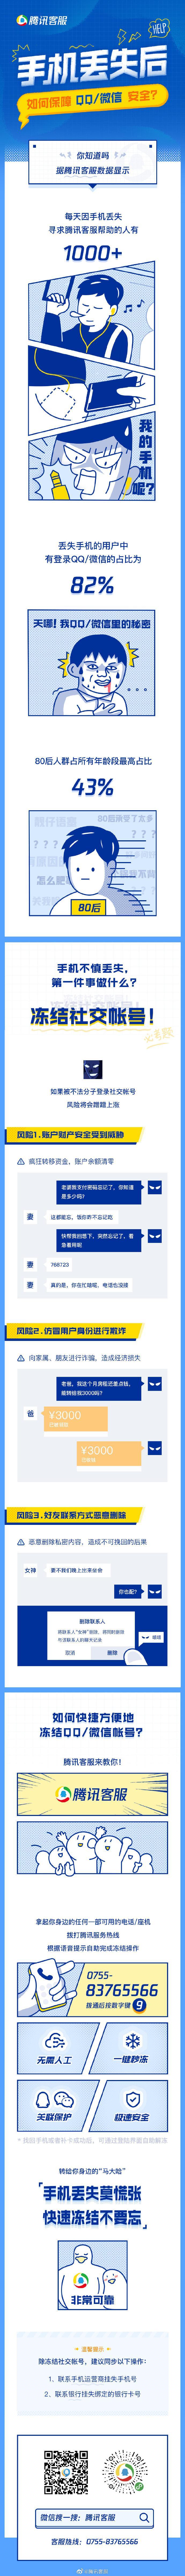 手机丢了如何保障QQ/微信安全?腾讯官方科普